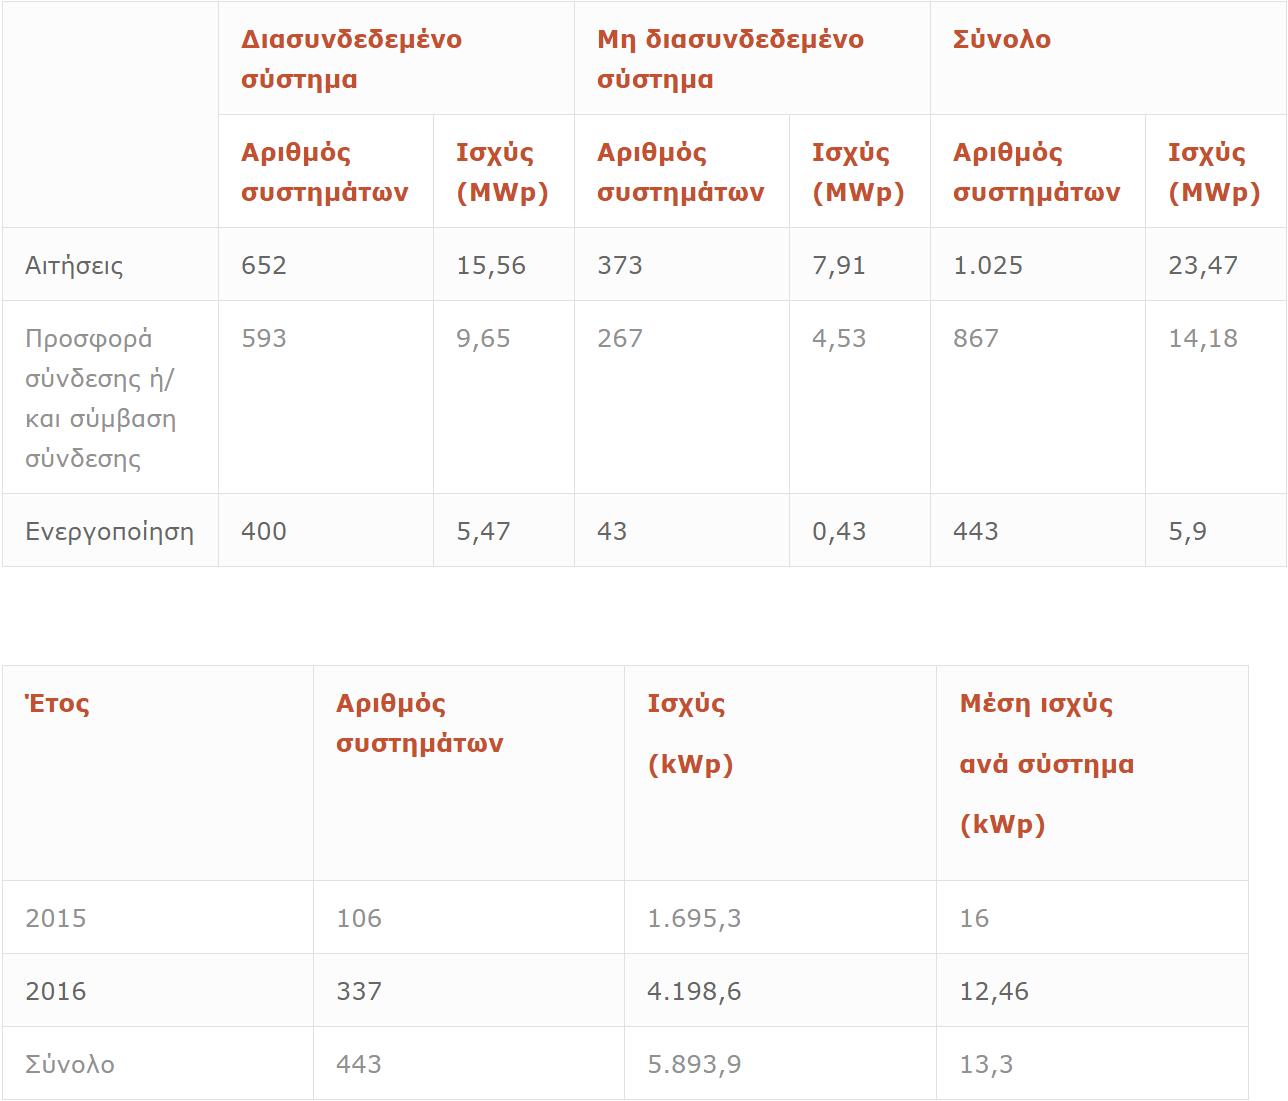 Η ''ακτινογραφία'' της εφαρμογής του net metering σύμφωνα με τα δημοσιευμένα στοιχεία